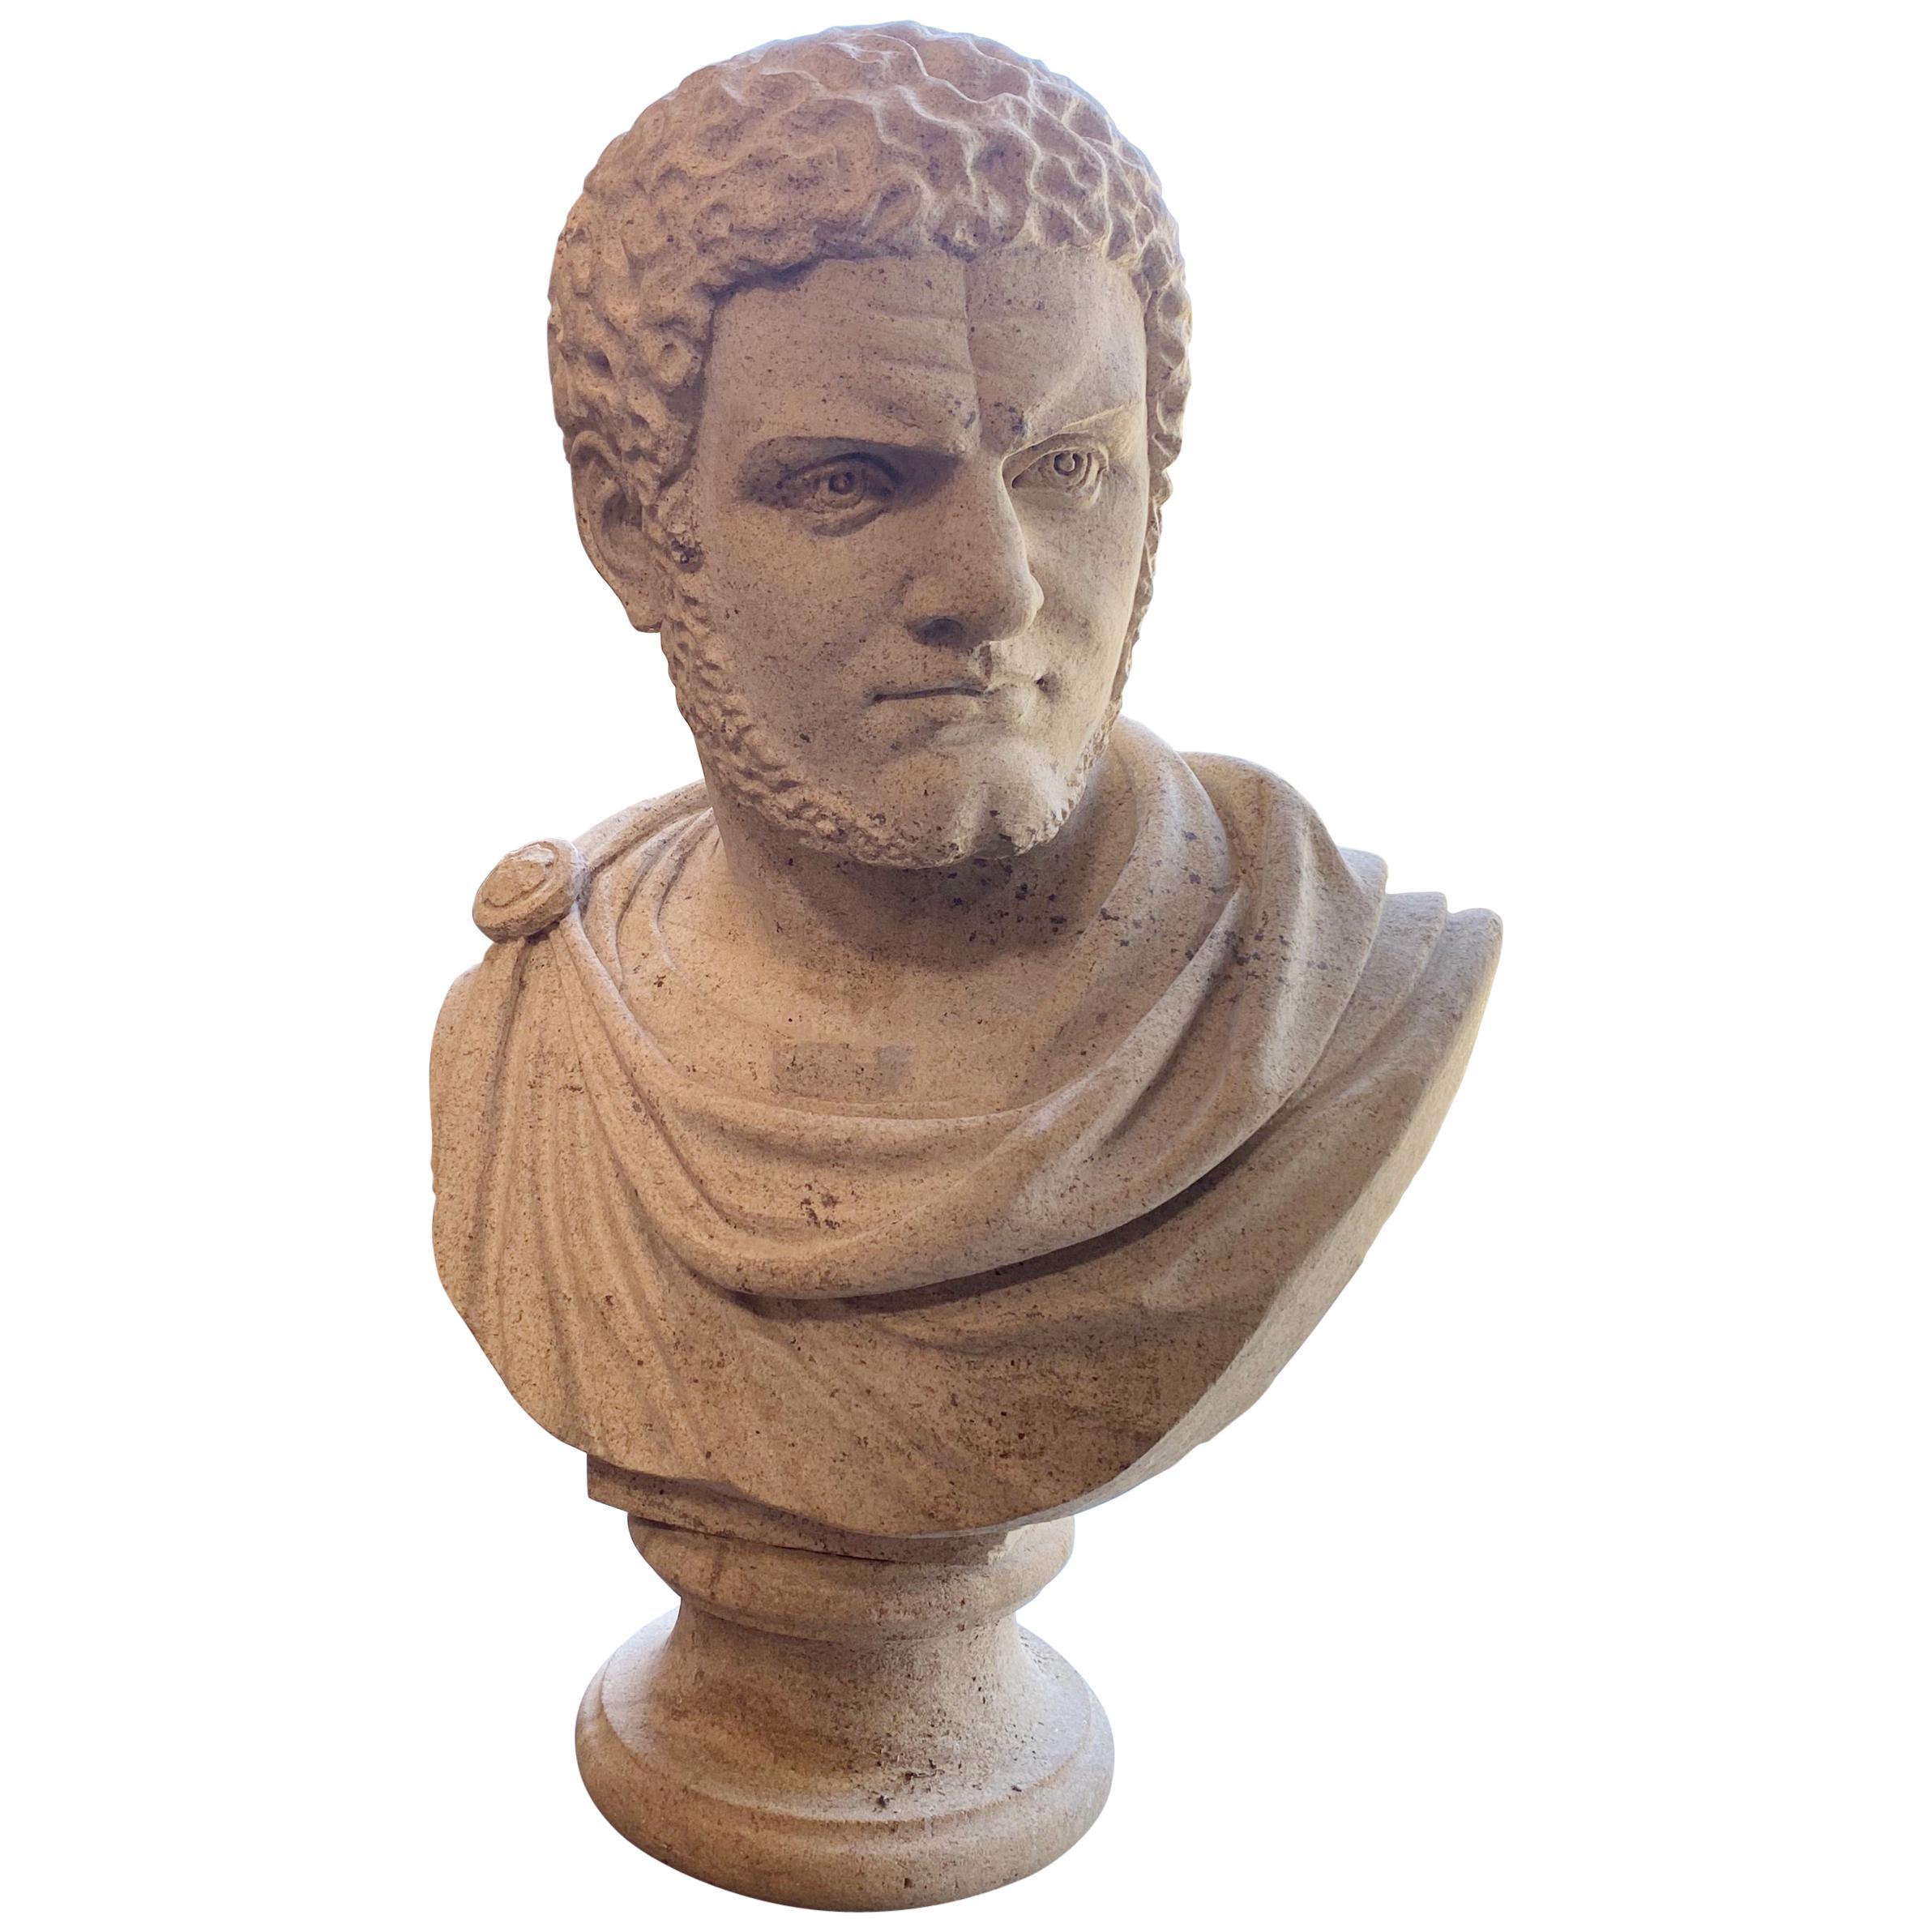 Italian Stone Bust of the Roman Emperor Caracalla, circa 1950